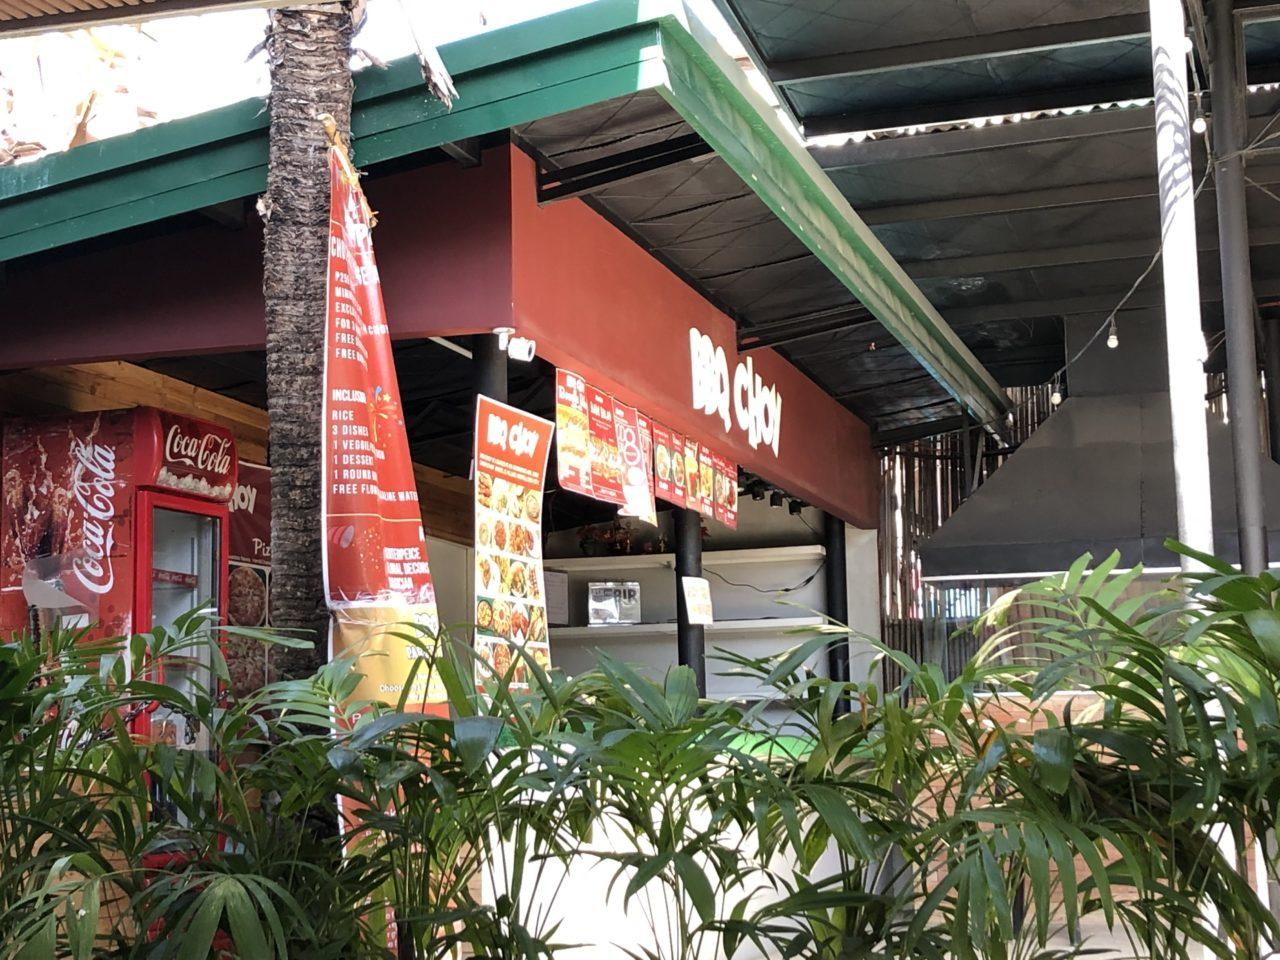 ゲストハウス内の飲食店